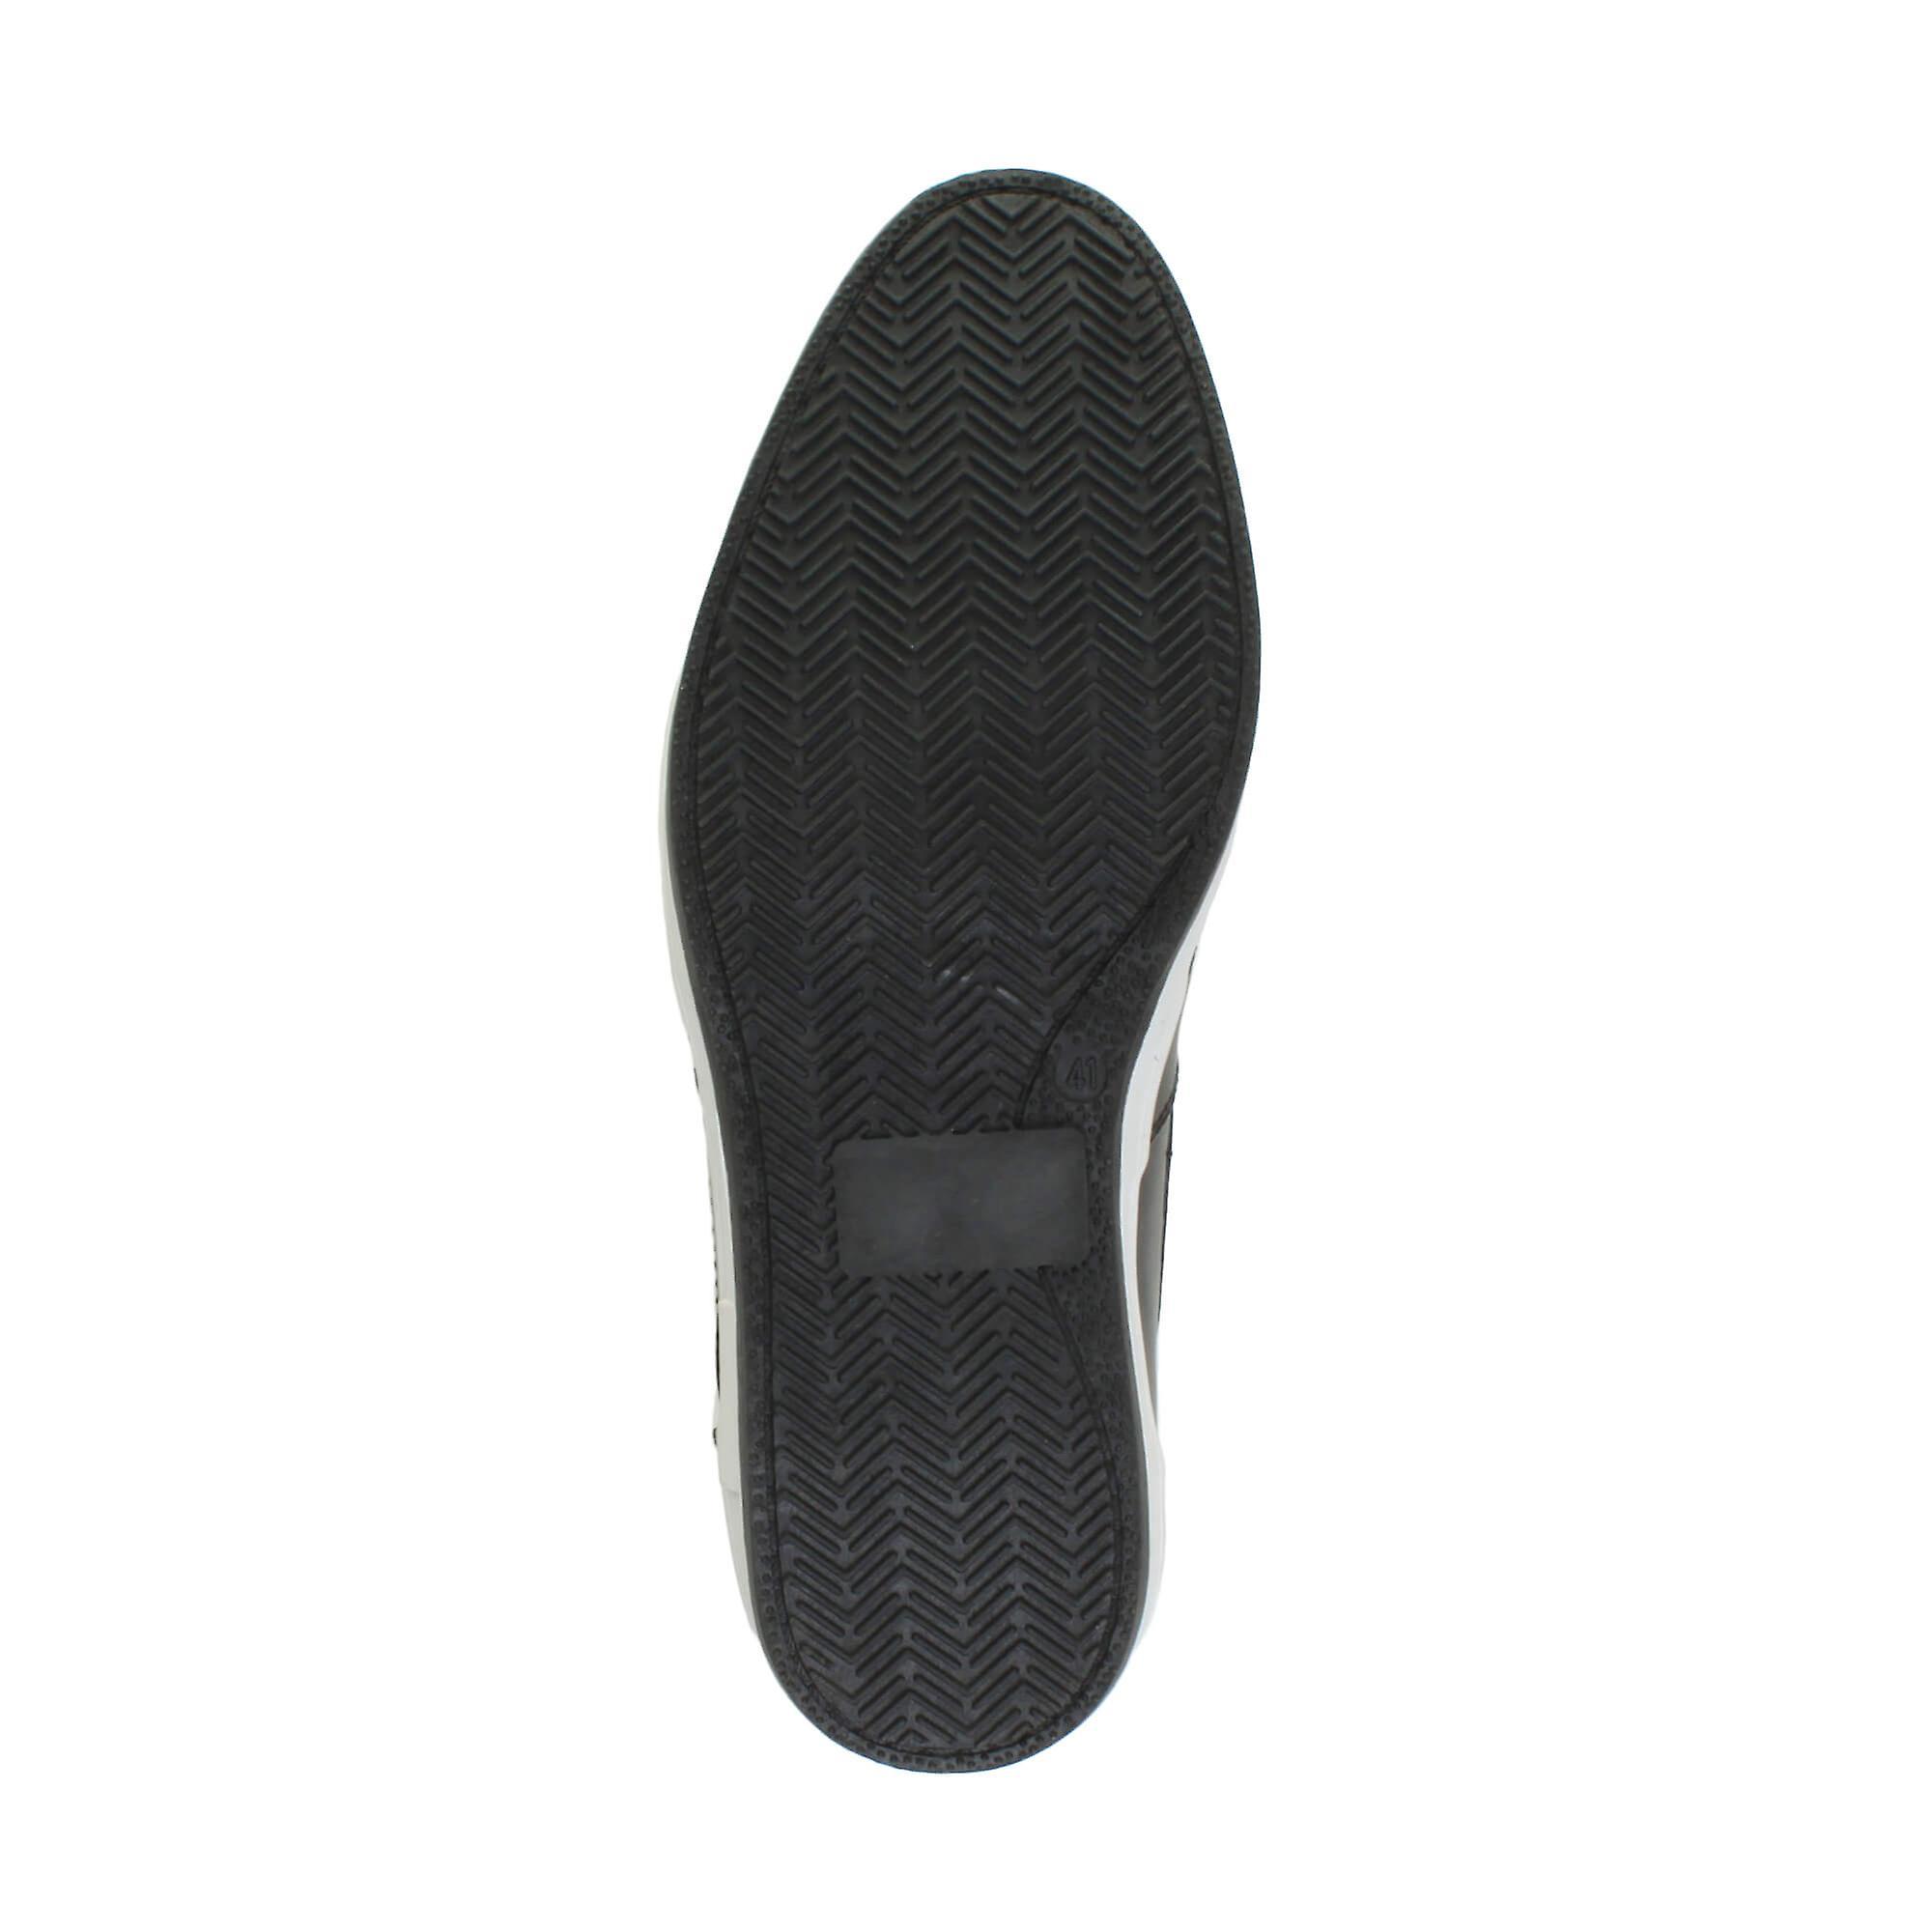 Ajvani trainers plimsolls low plimsoles casual lace mens pumps shoes flat top contrast up r8qHwrF